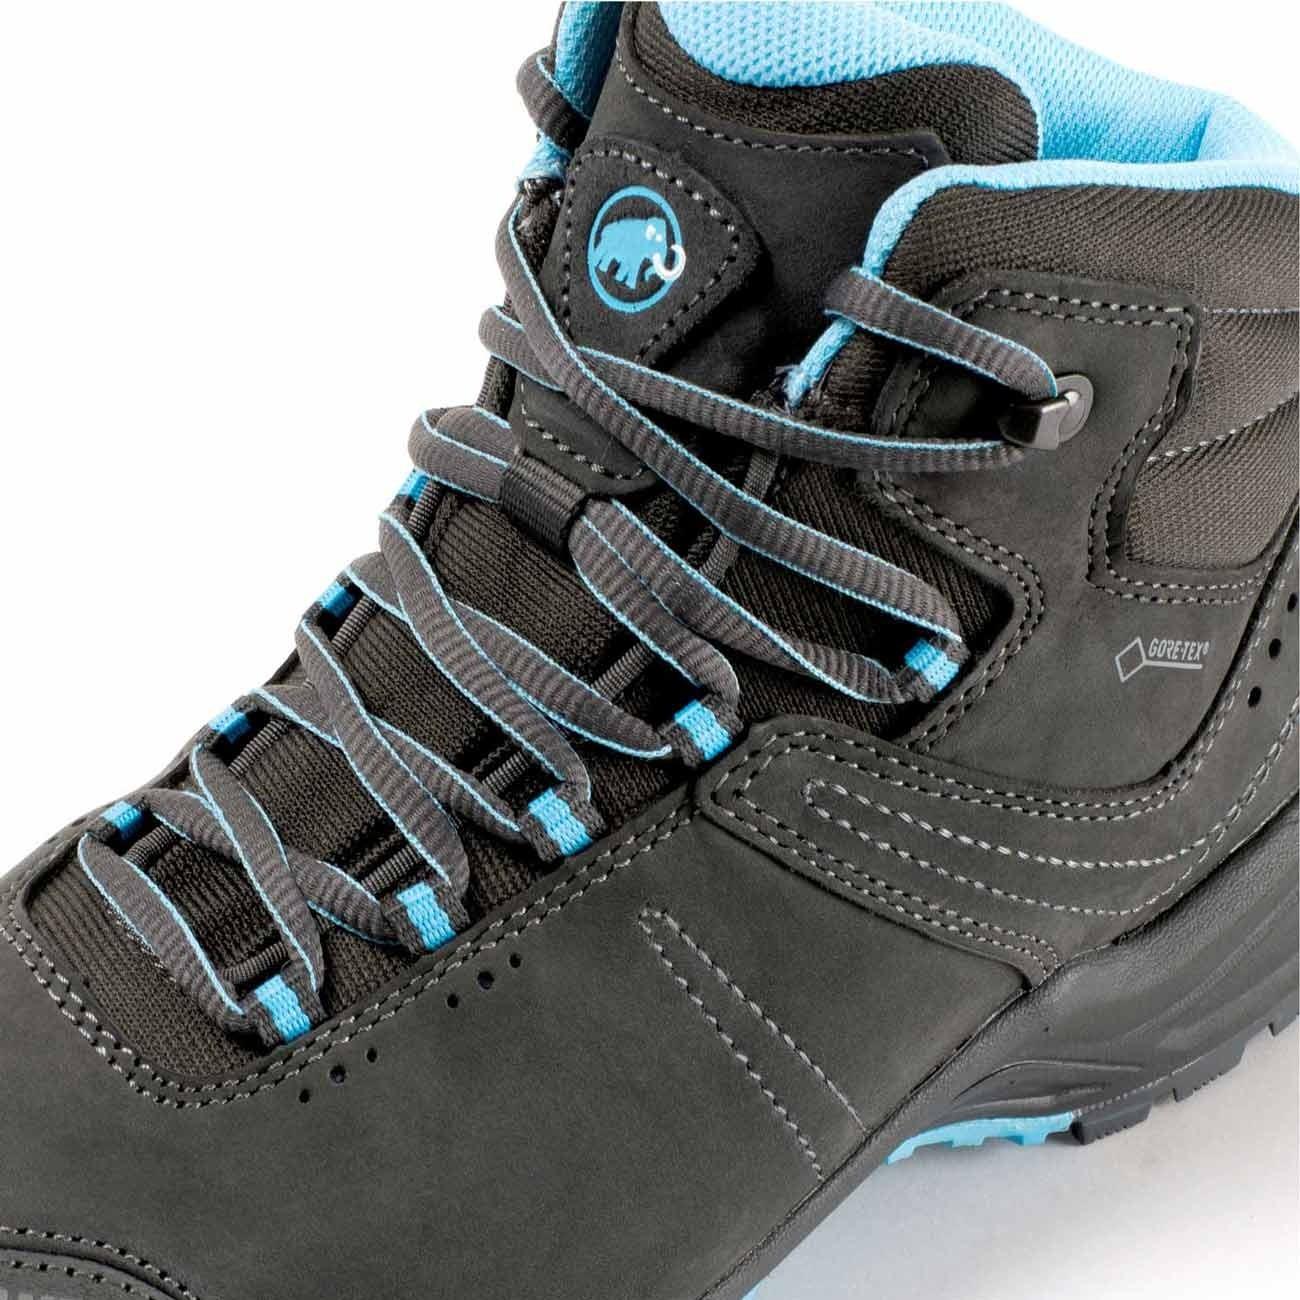 Mammut Nova III Mid Women's GTX Boots - Graphite/Whisper